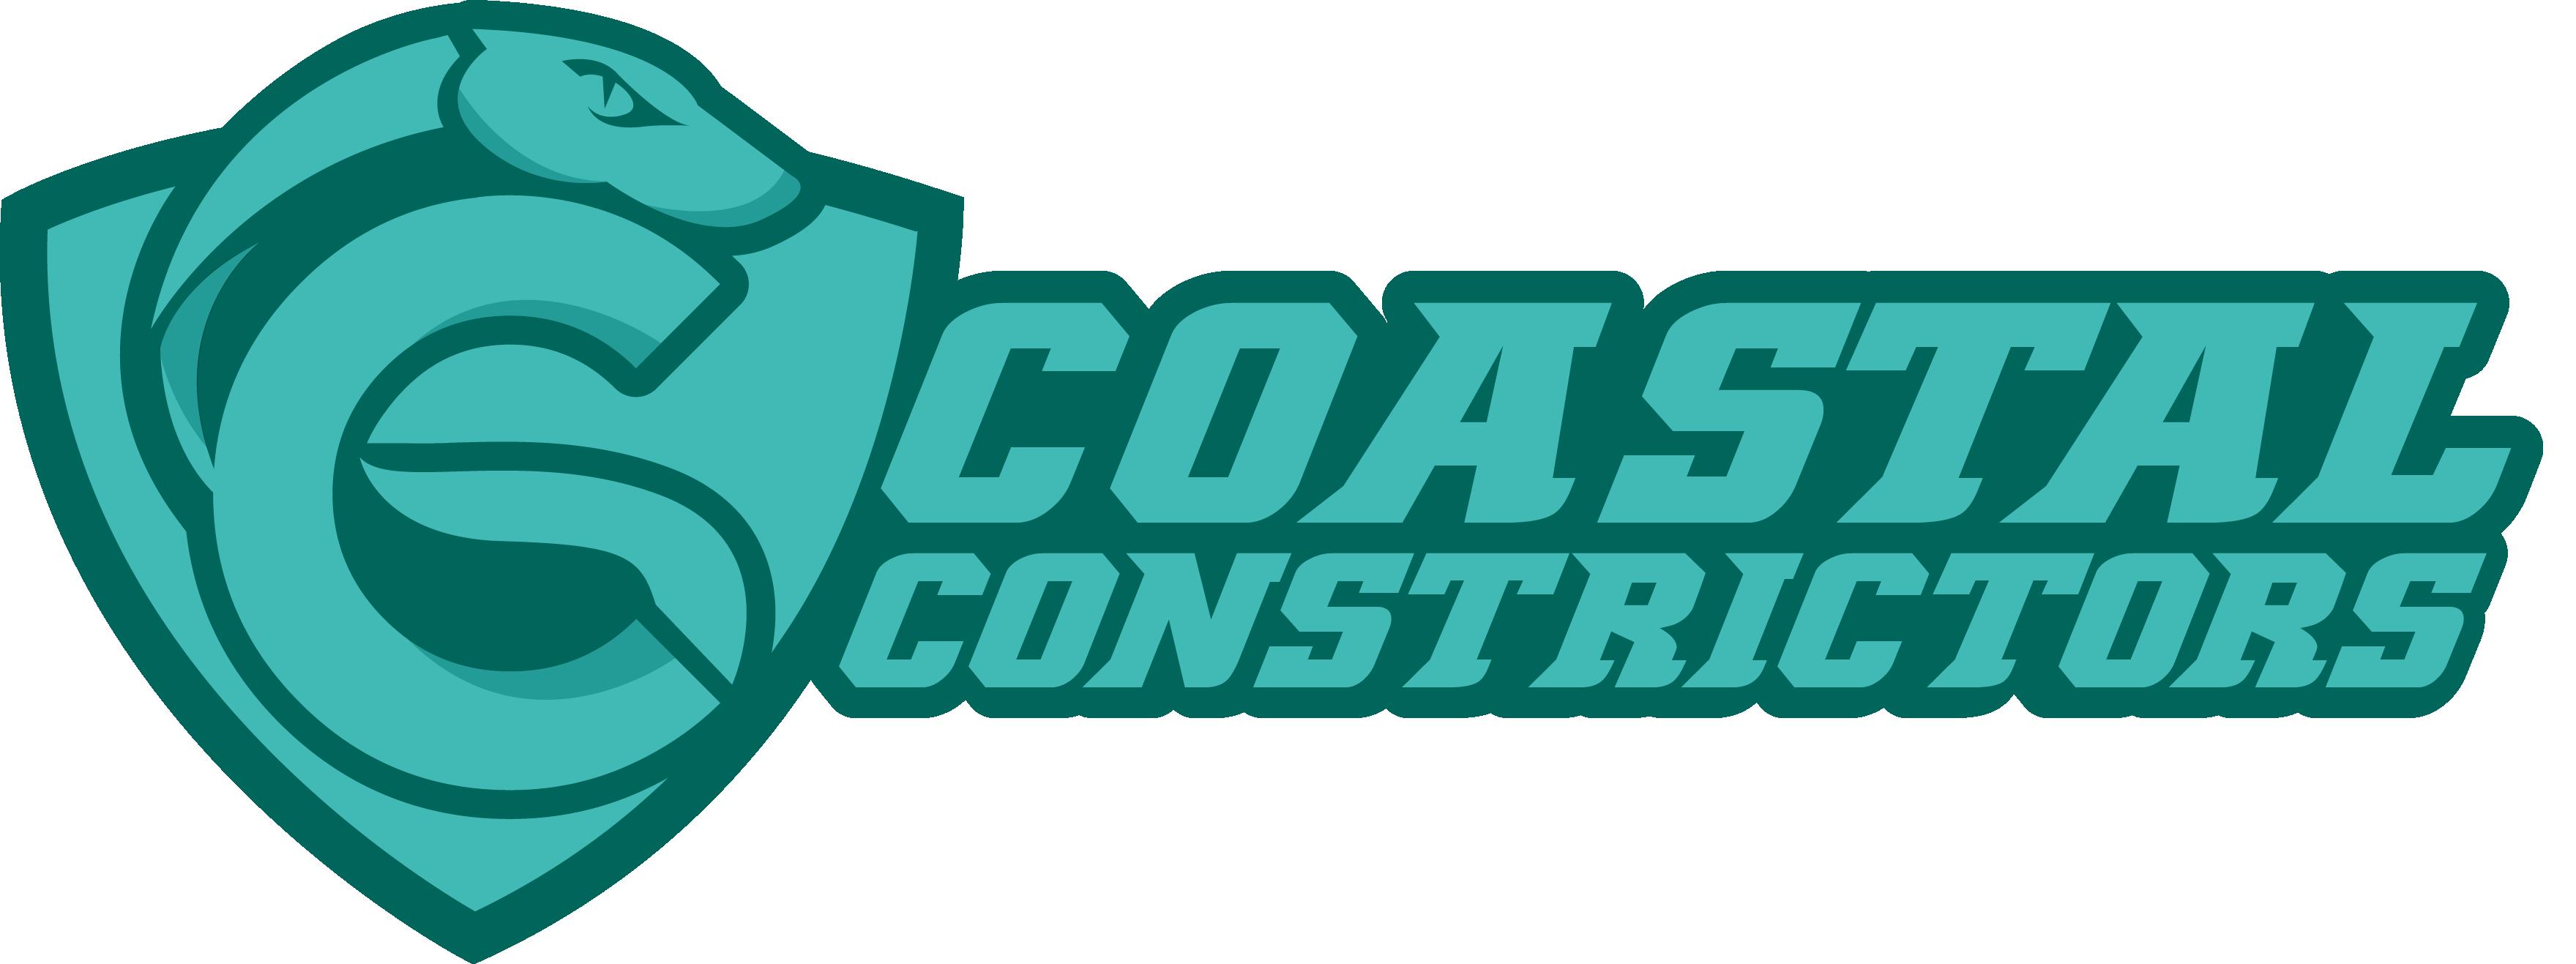 Coastal Constrictors, LLC